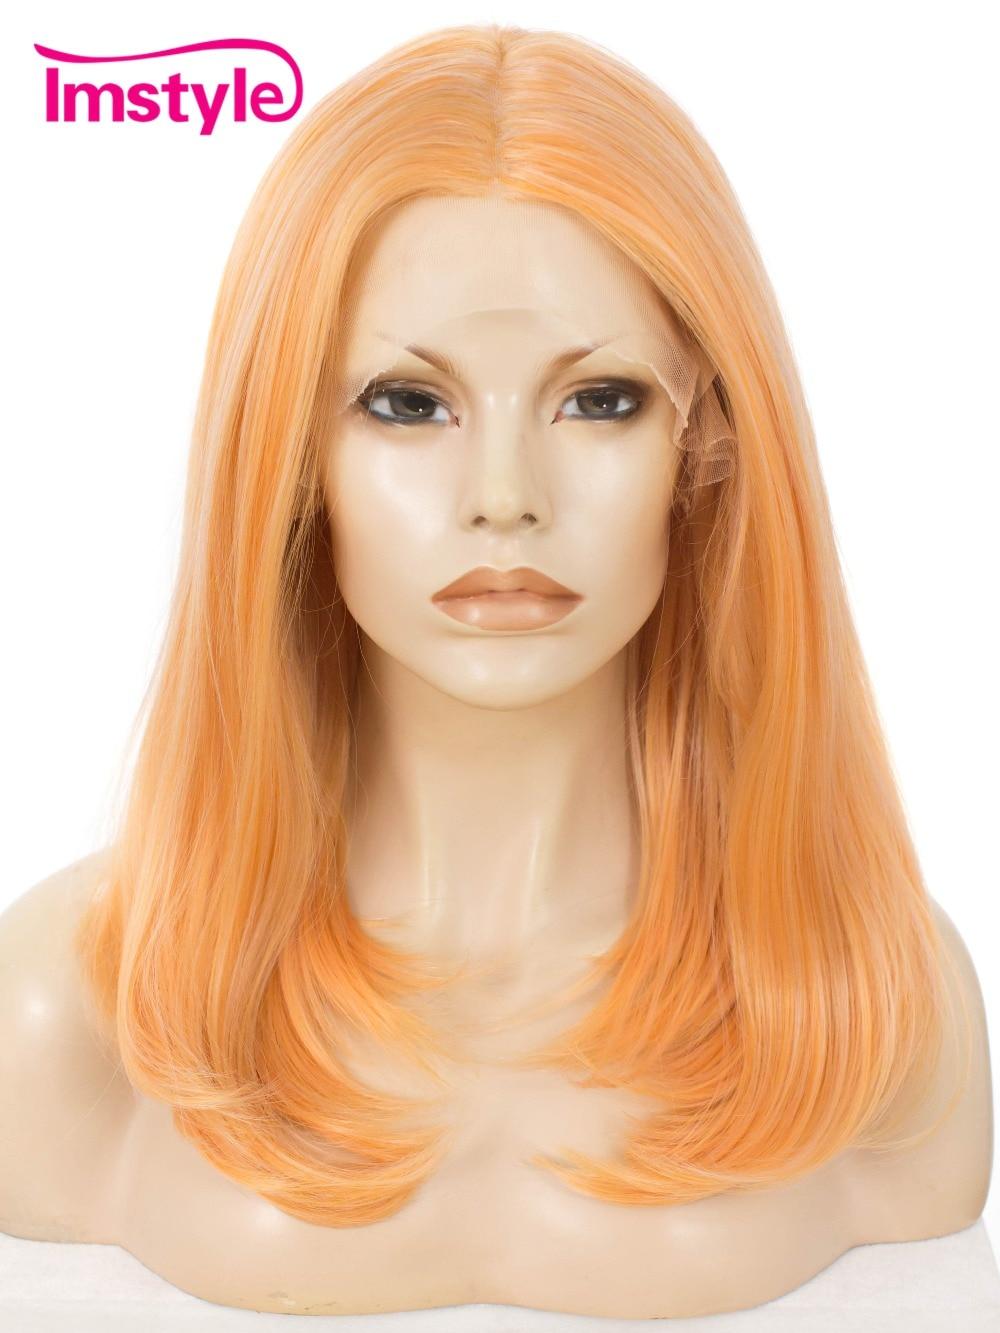 Imstyle синтетические парики спереди кружева для Для женщин Прямо средний Длина 18 дюймов Косплэй вечерние Оранжевый Цвет